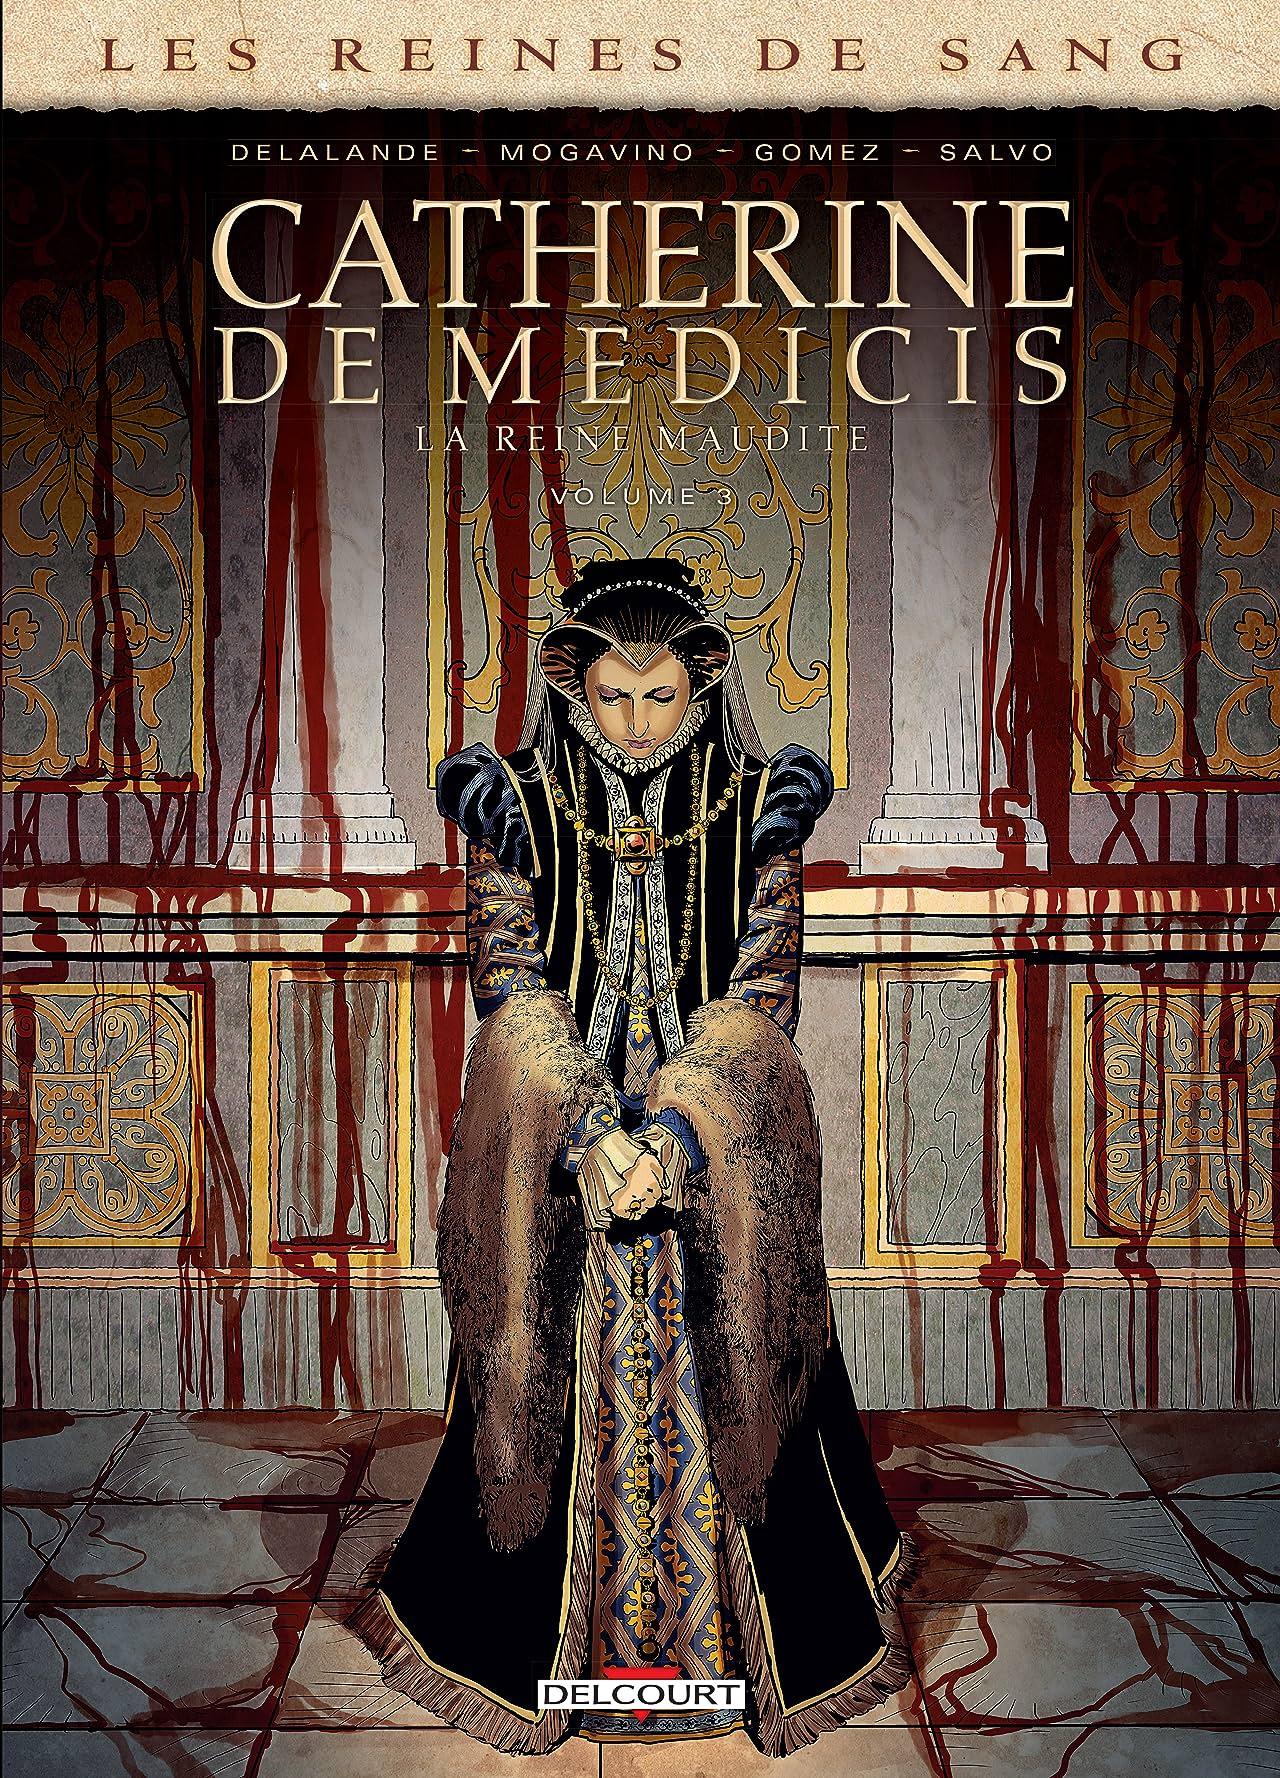 Les Reines de sang - Catherine de Médicis, la Reine maudite Tome 3